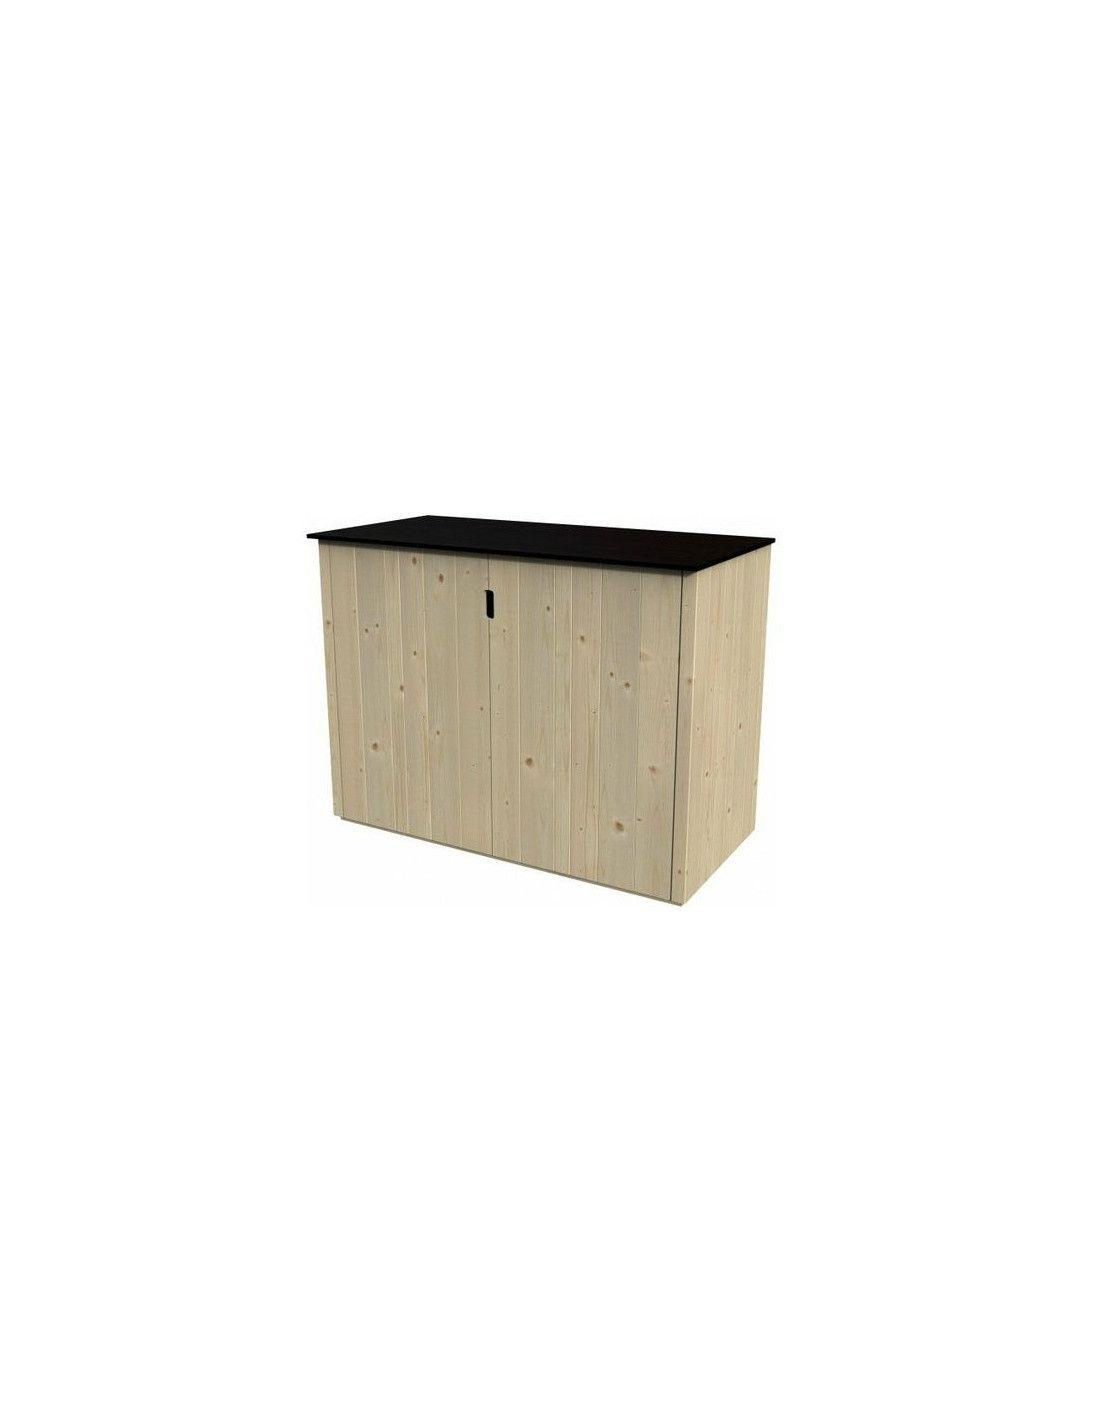 Armarios de exterior en madera ideal para jard n hortum for Armario exterior para guardar bicicletas